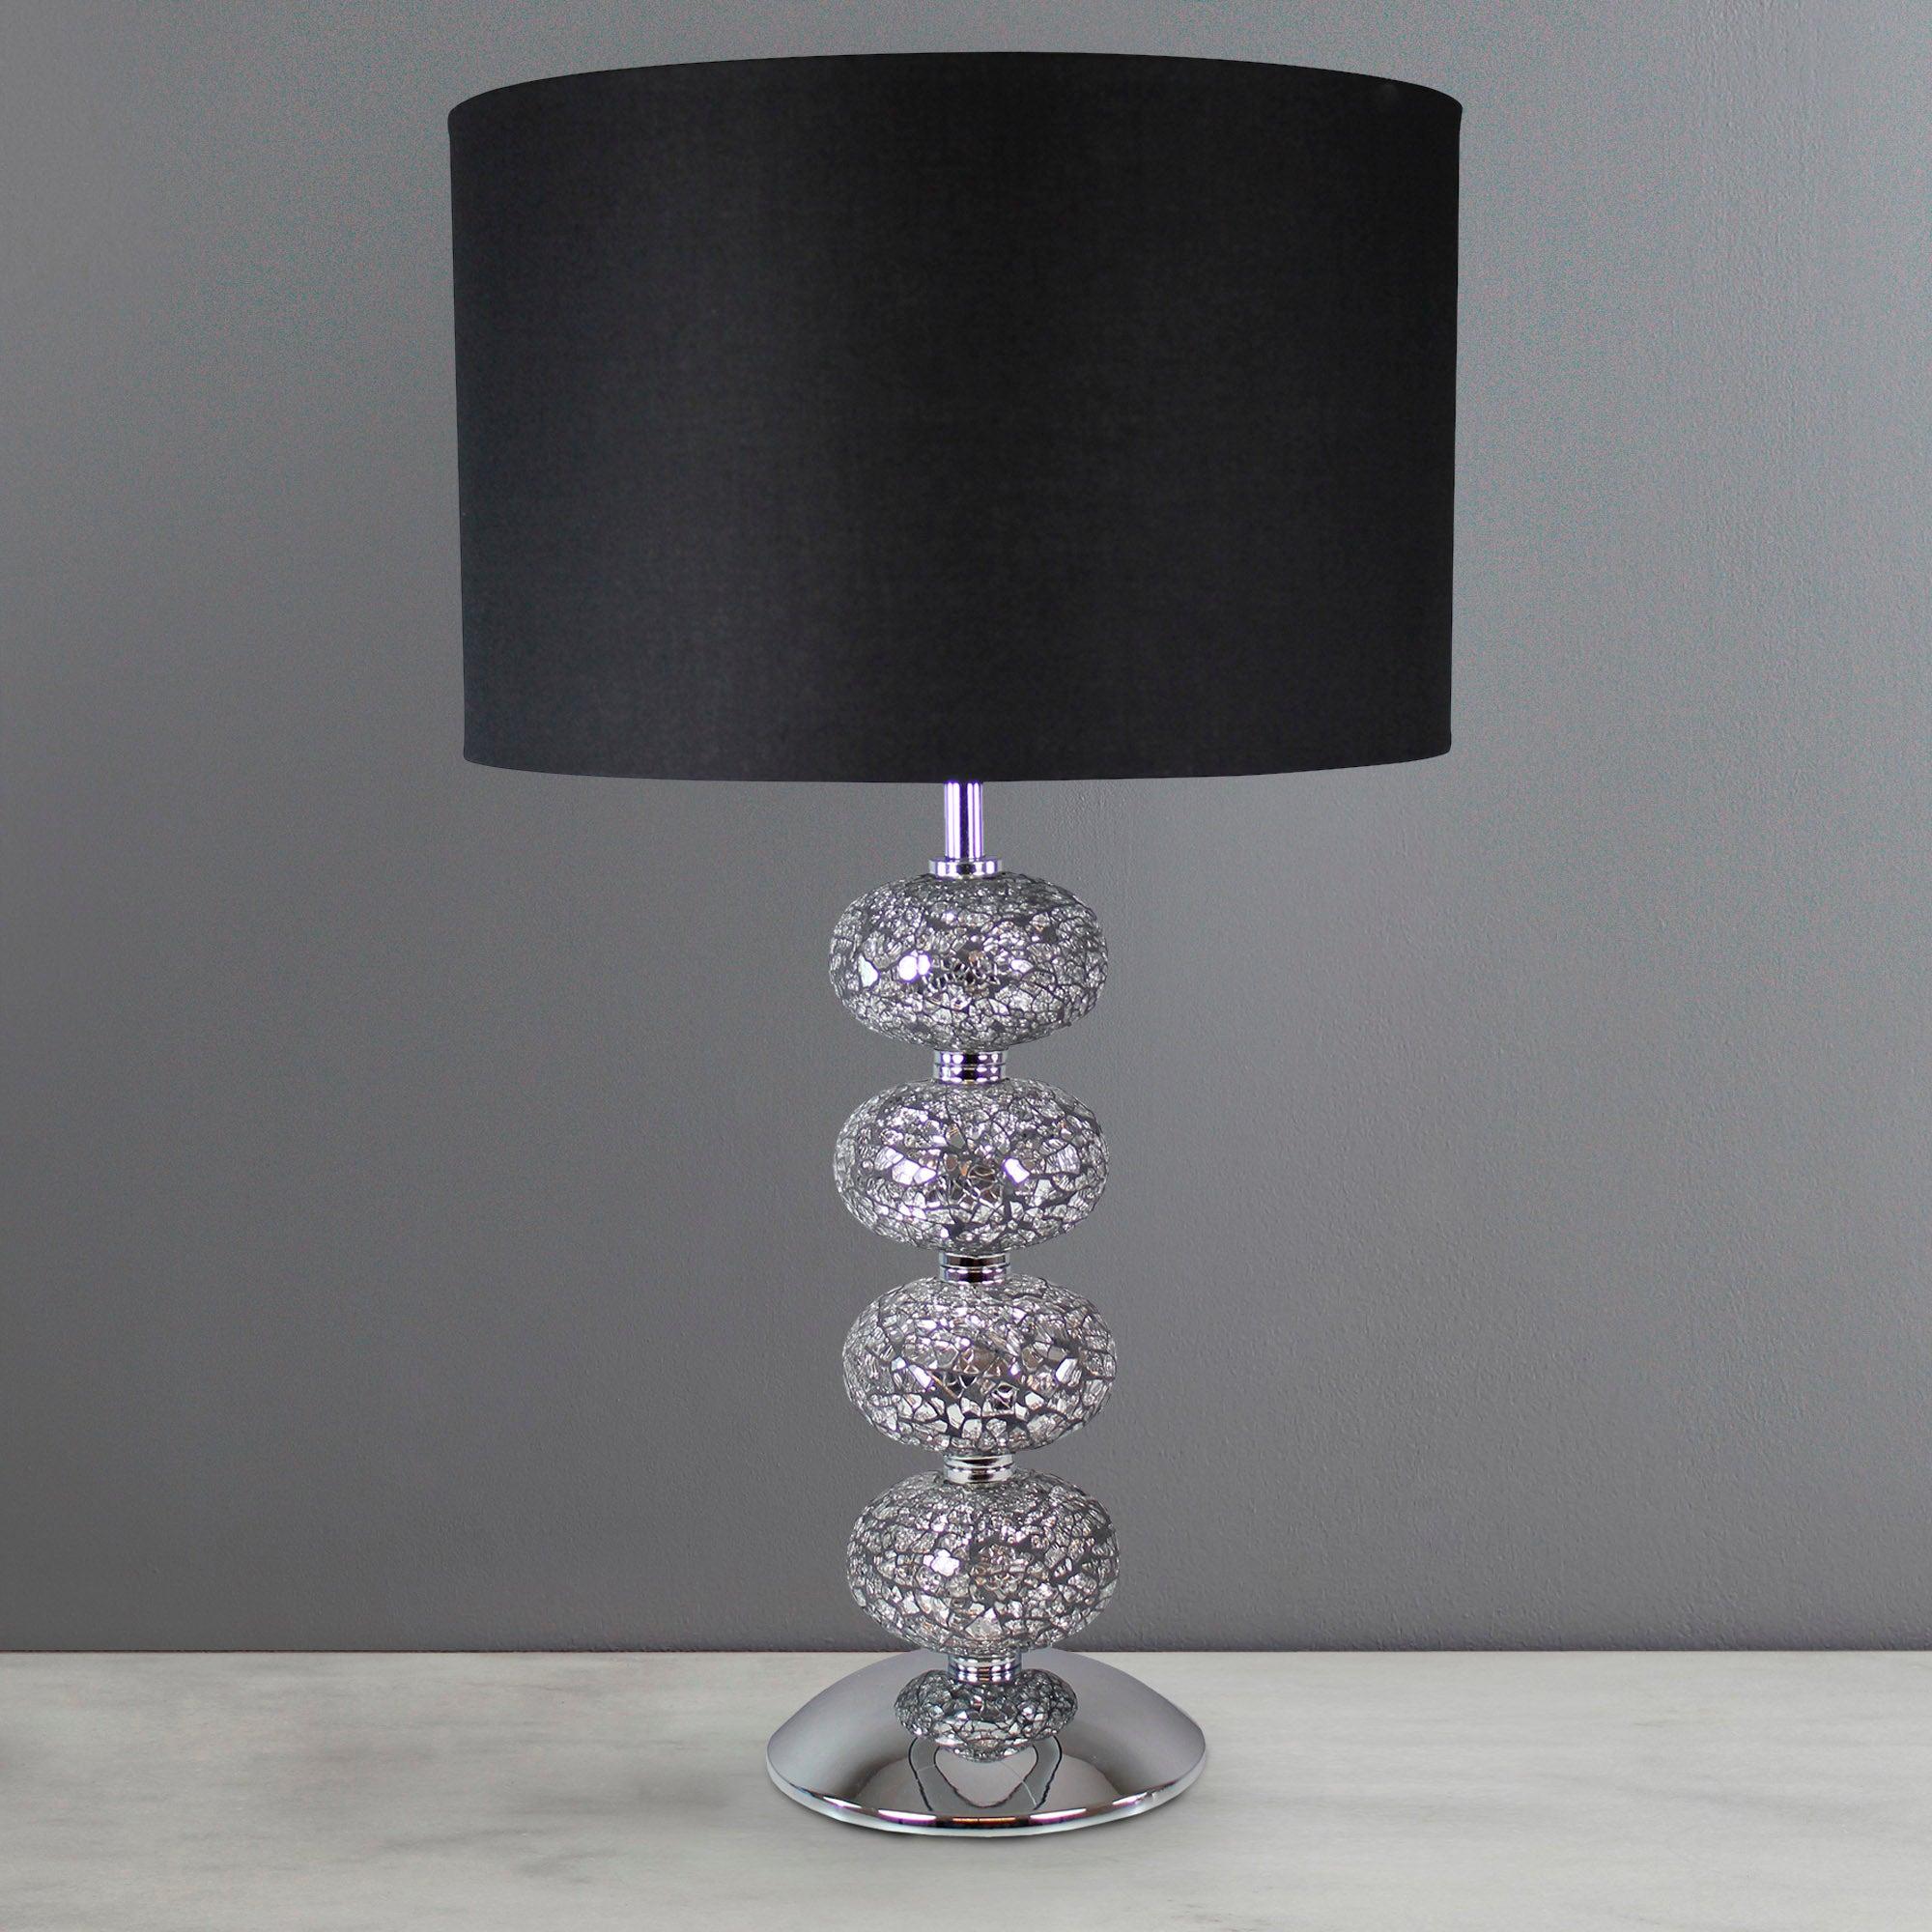 crackle glass 4 ball lamp dunelm. Black Bedroom Furniture Sets. Home Design Ideas